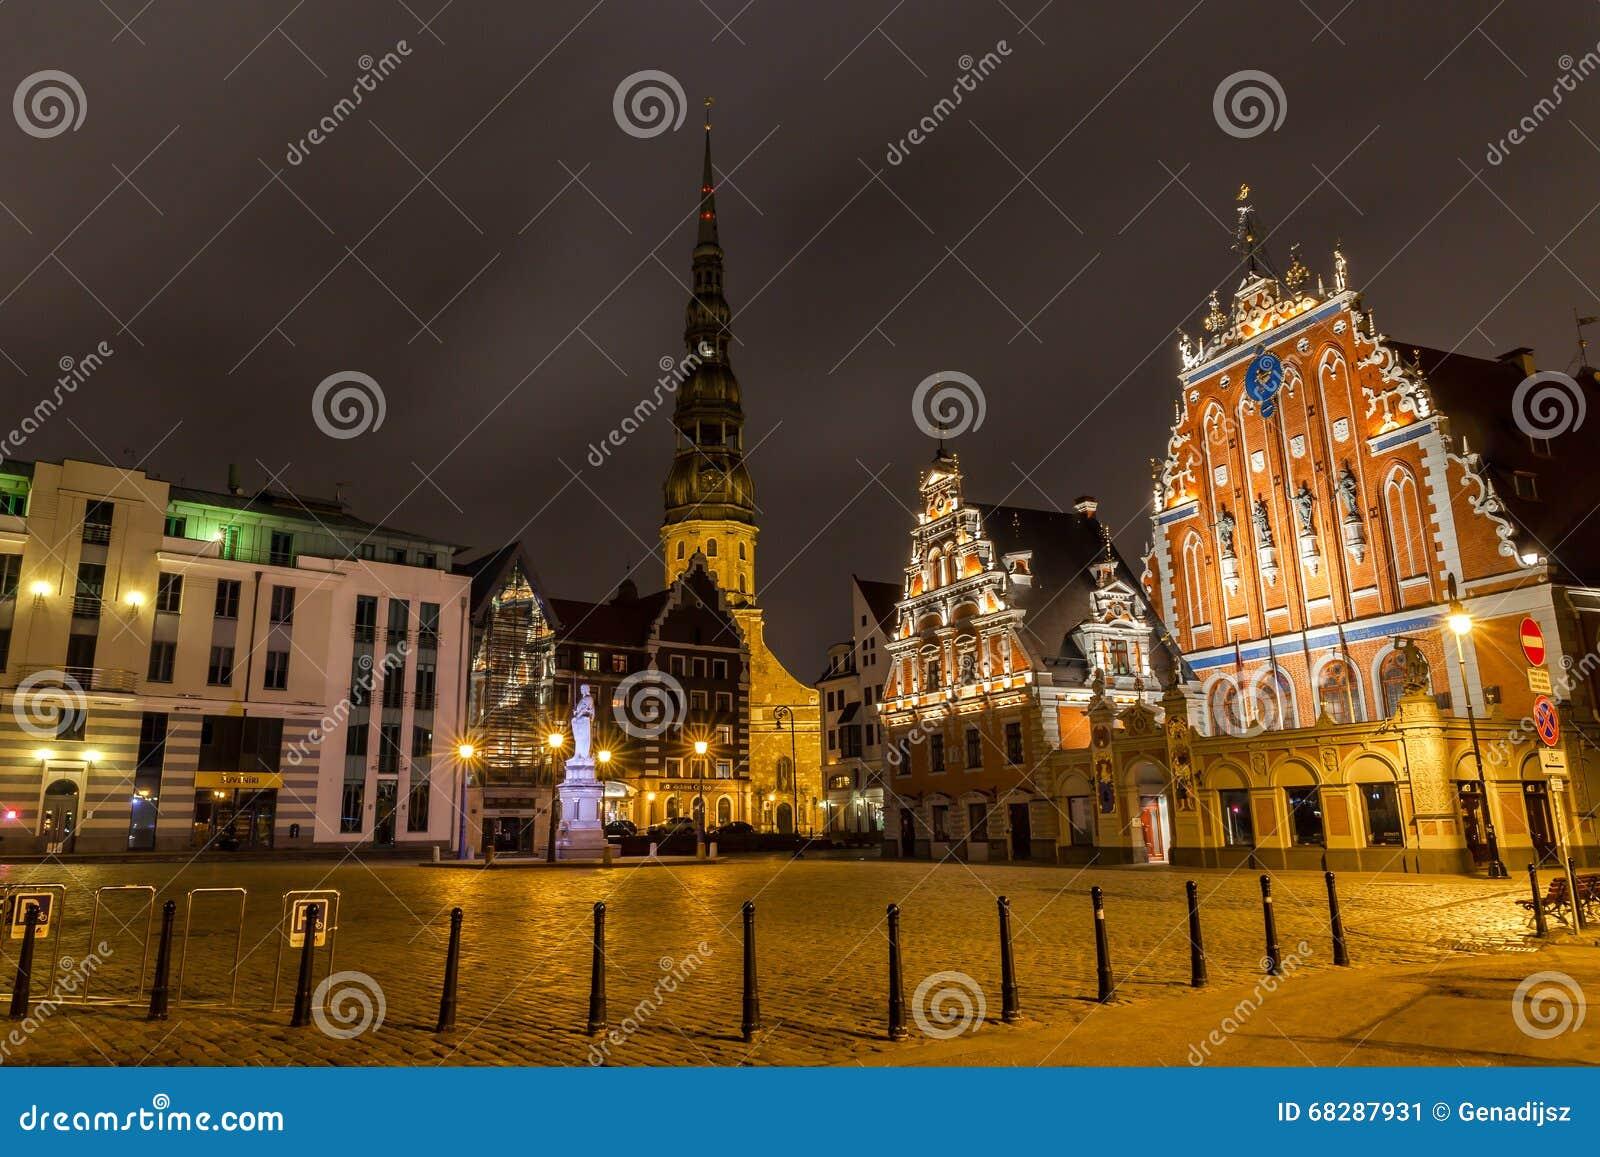 Old Riga at Night